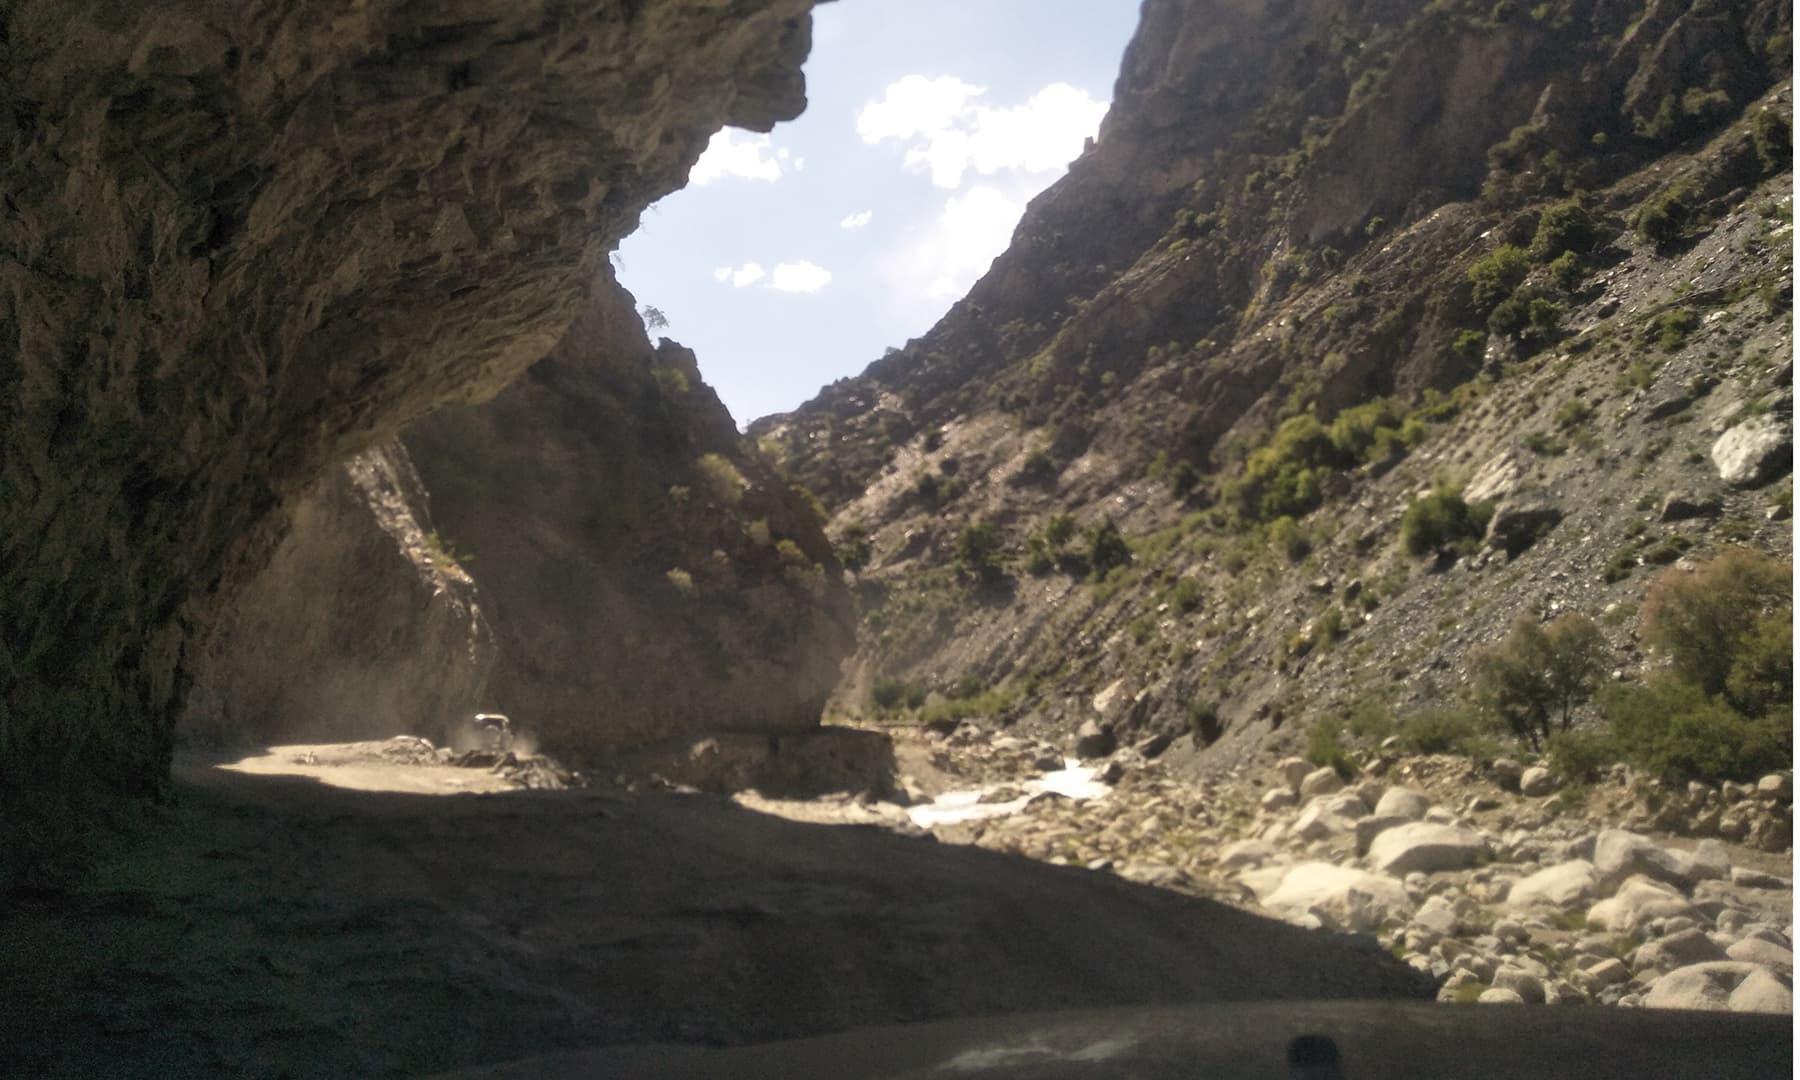 وادی رمبور بیمبوریت سے 15 کلومیٹر کے فاصلے پر واقع ہے—عظمت اکبر